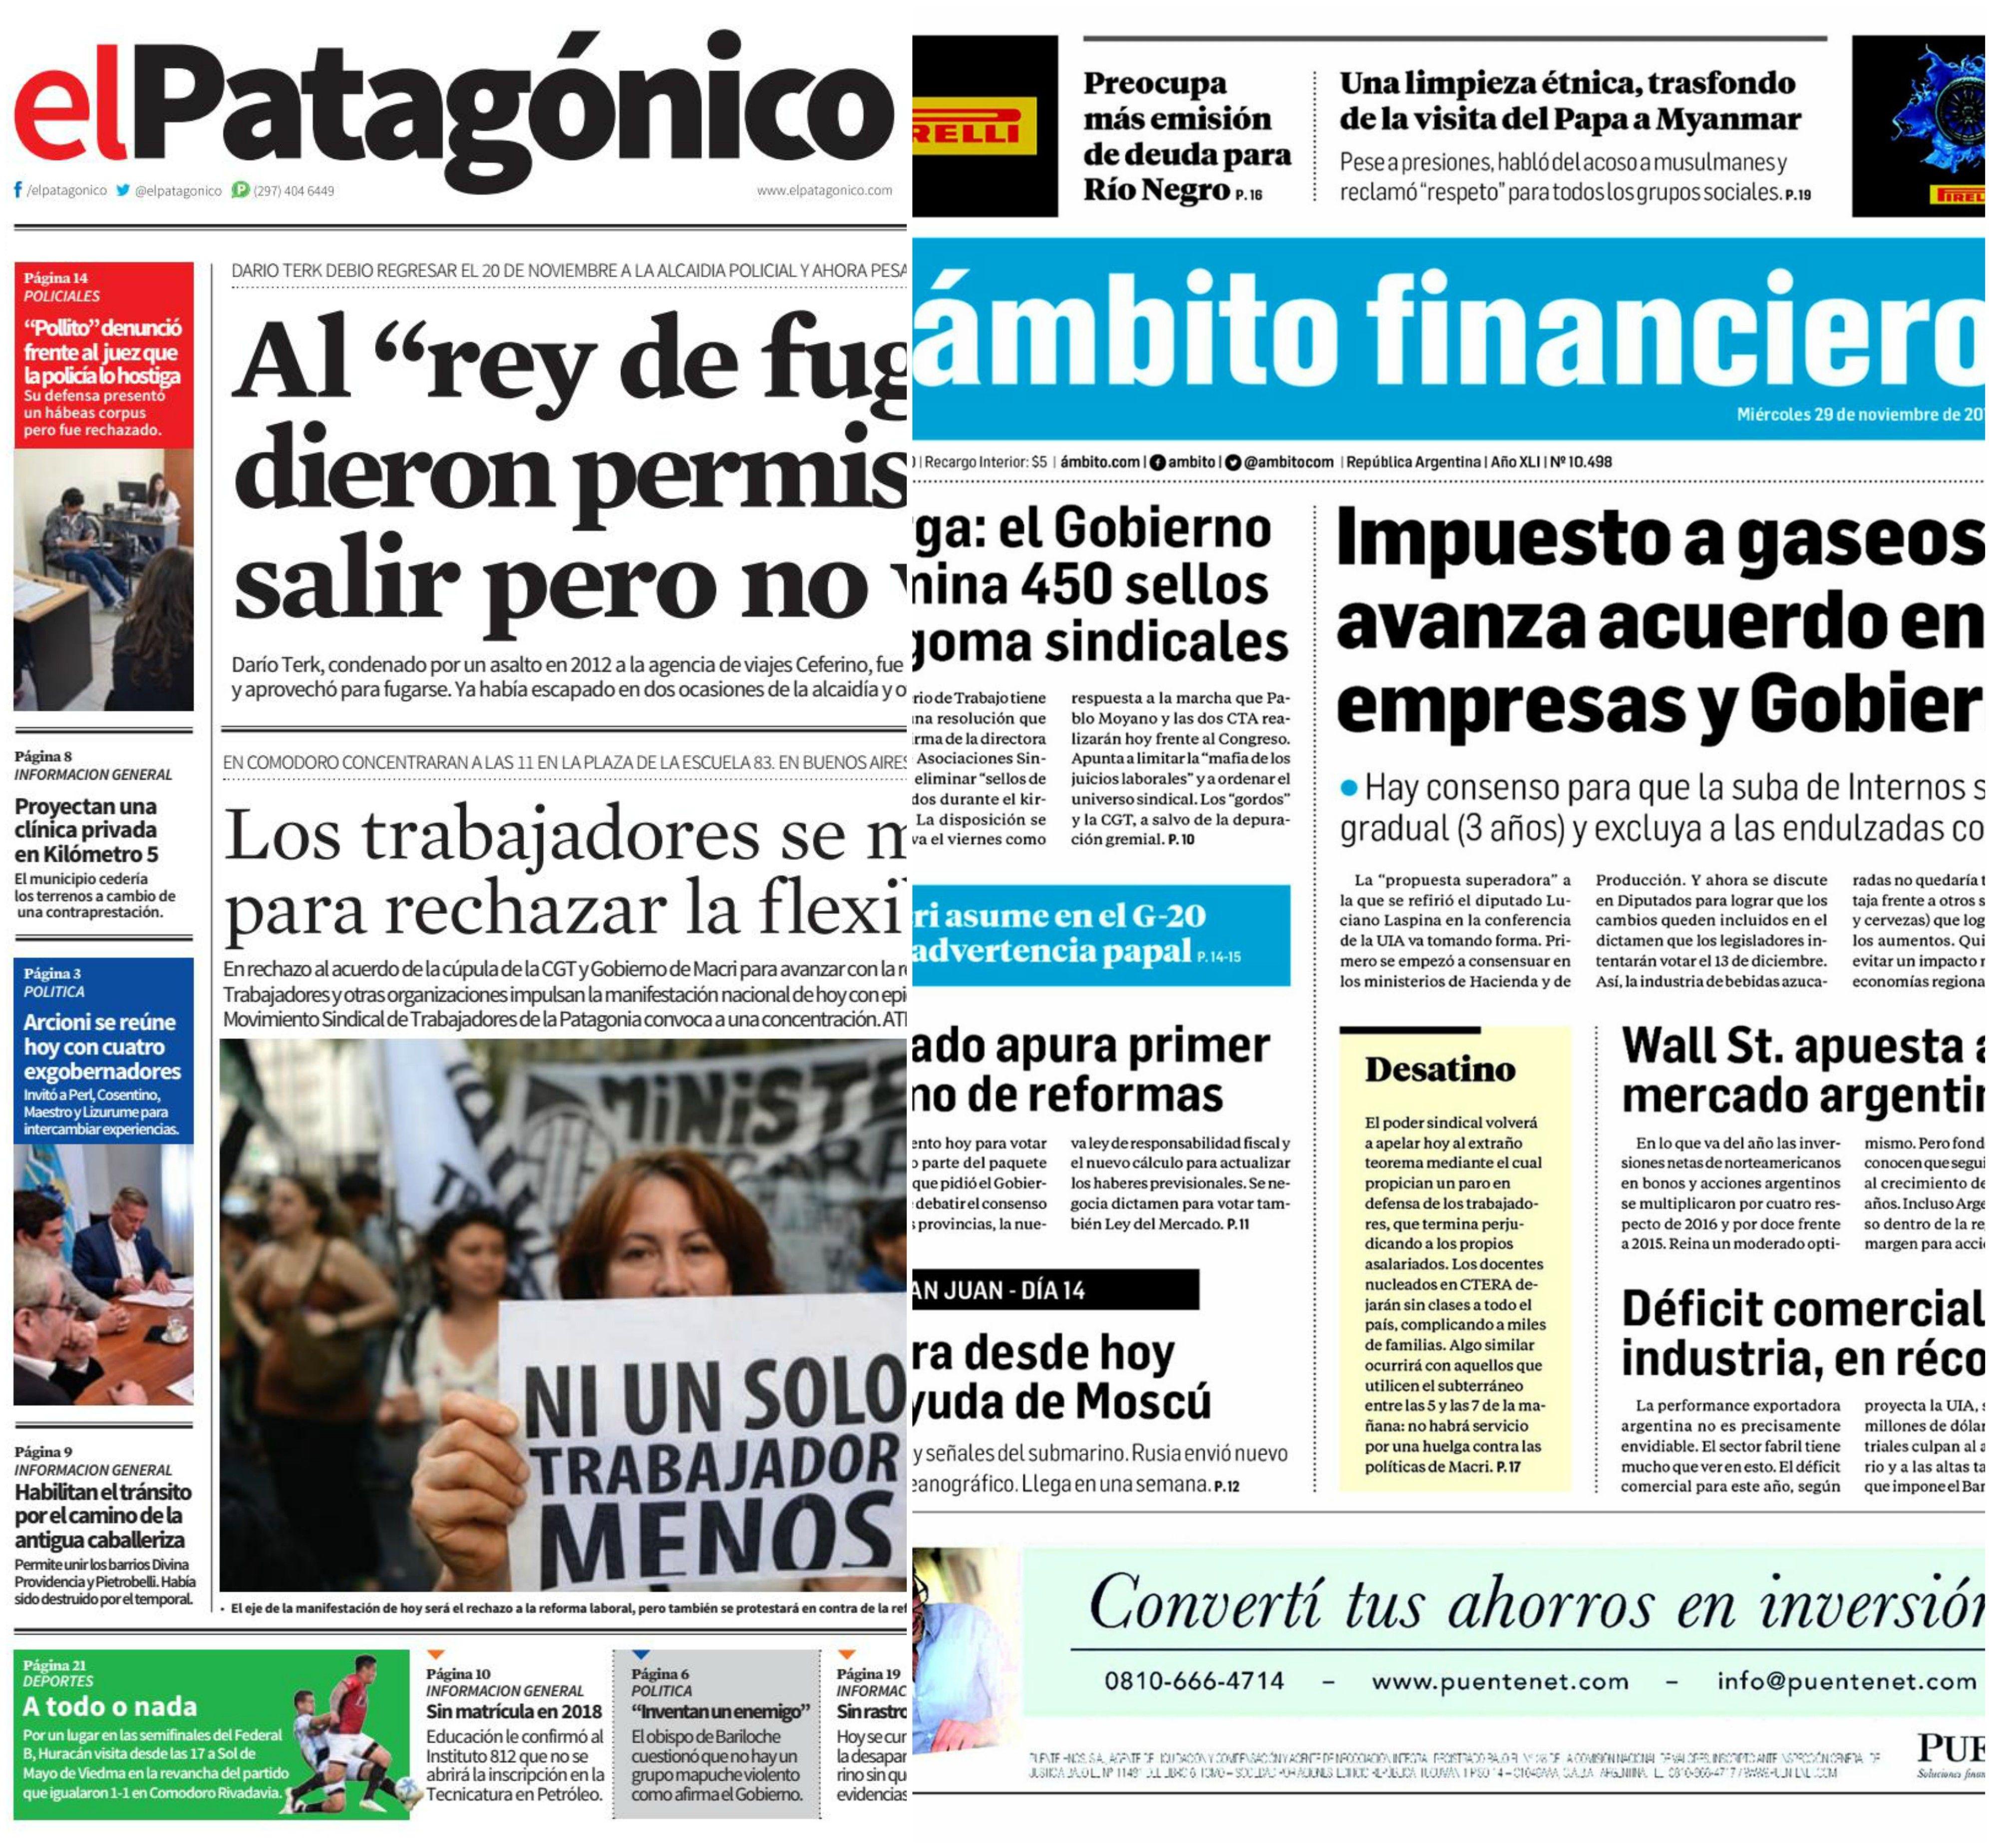 Tapas de diarios del miércoles 29 de noviembre de 2017